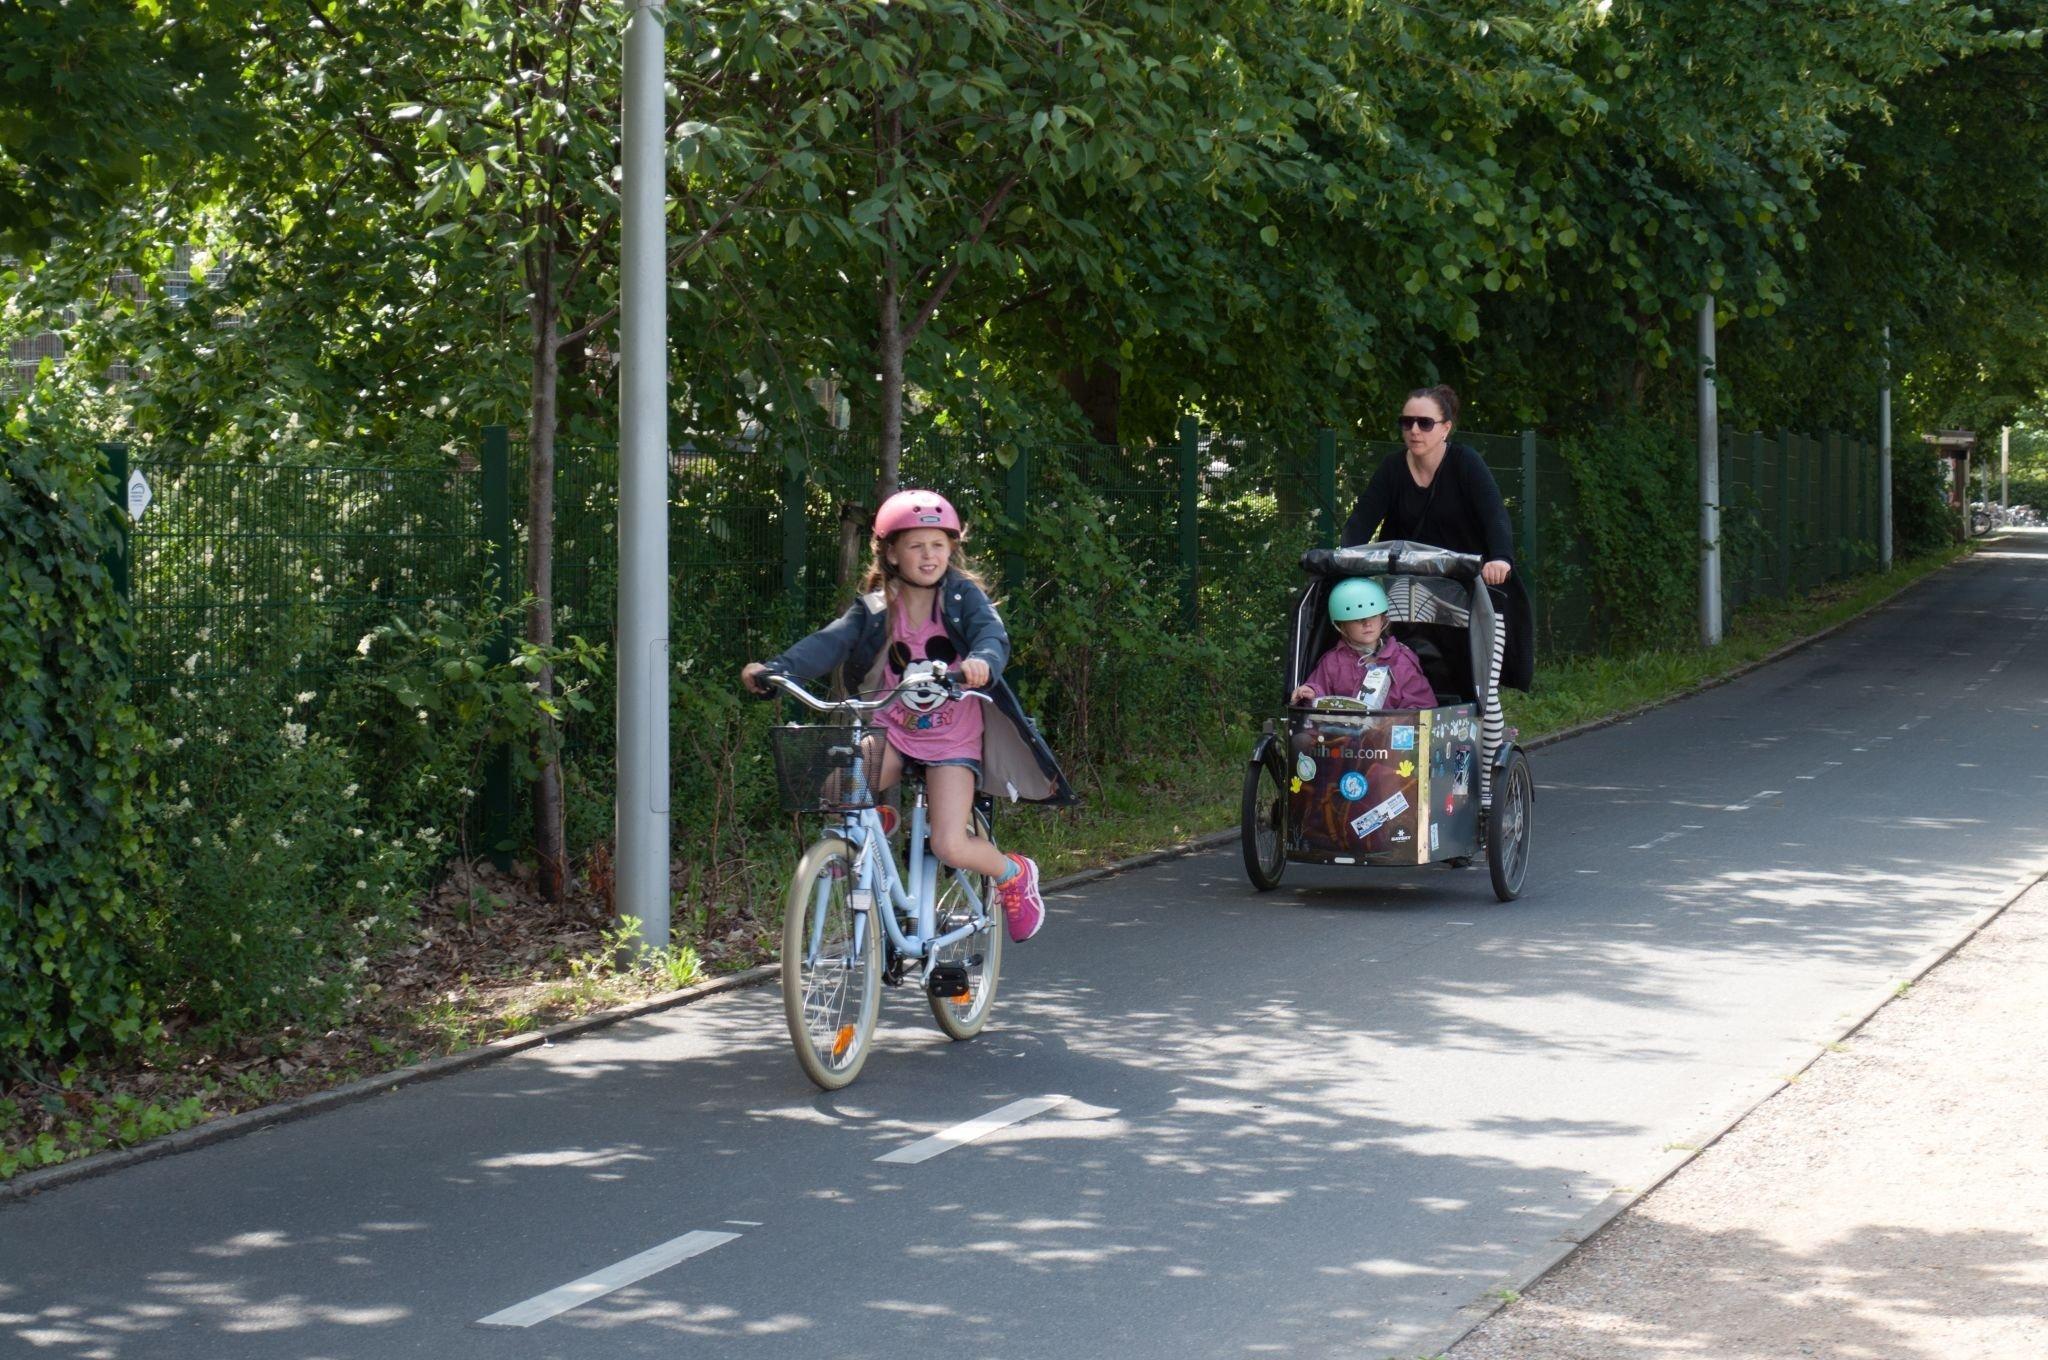 Ein kleines Mädchen fährt Fahrrad auf einem breiten Radweg. Einige Meter hinter ihr fährt die Mutter.